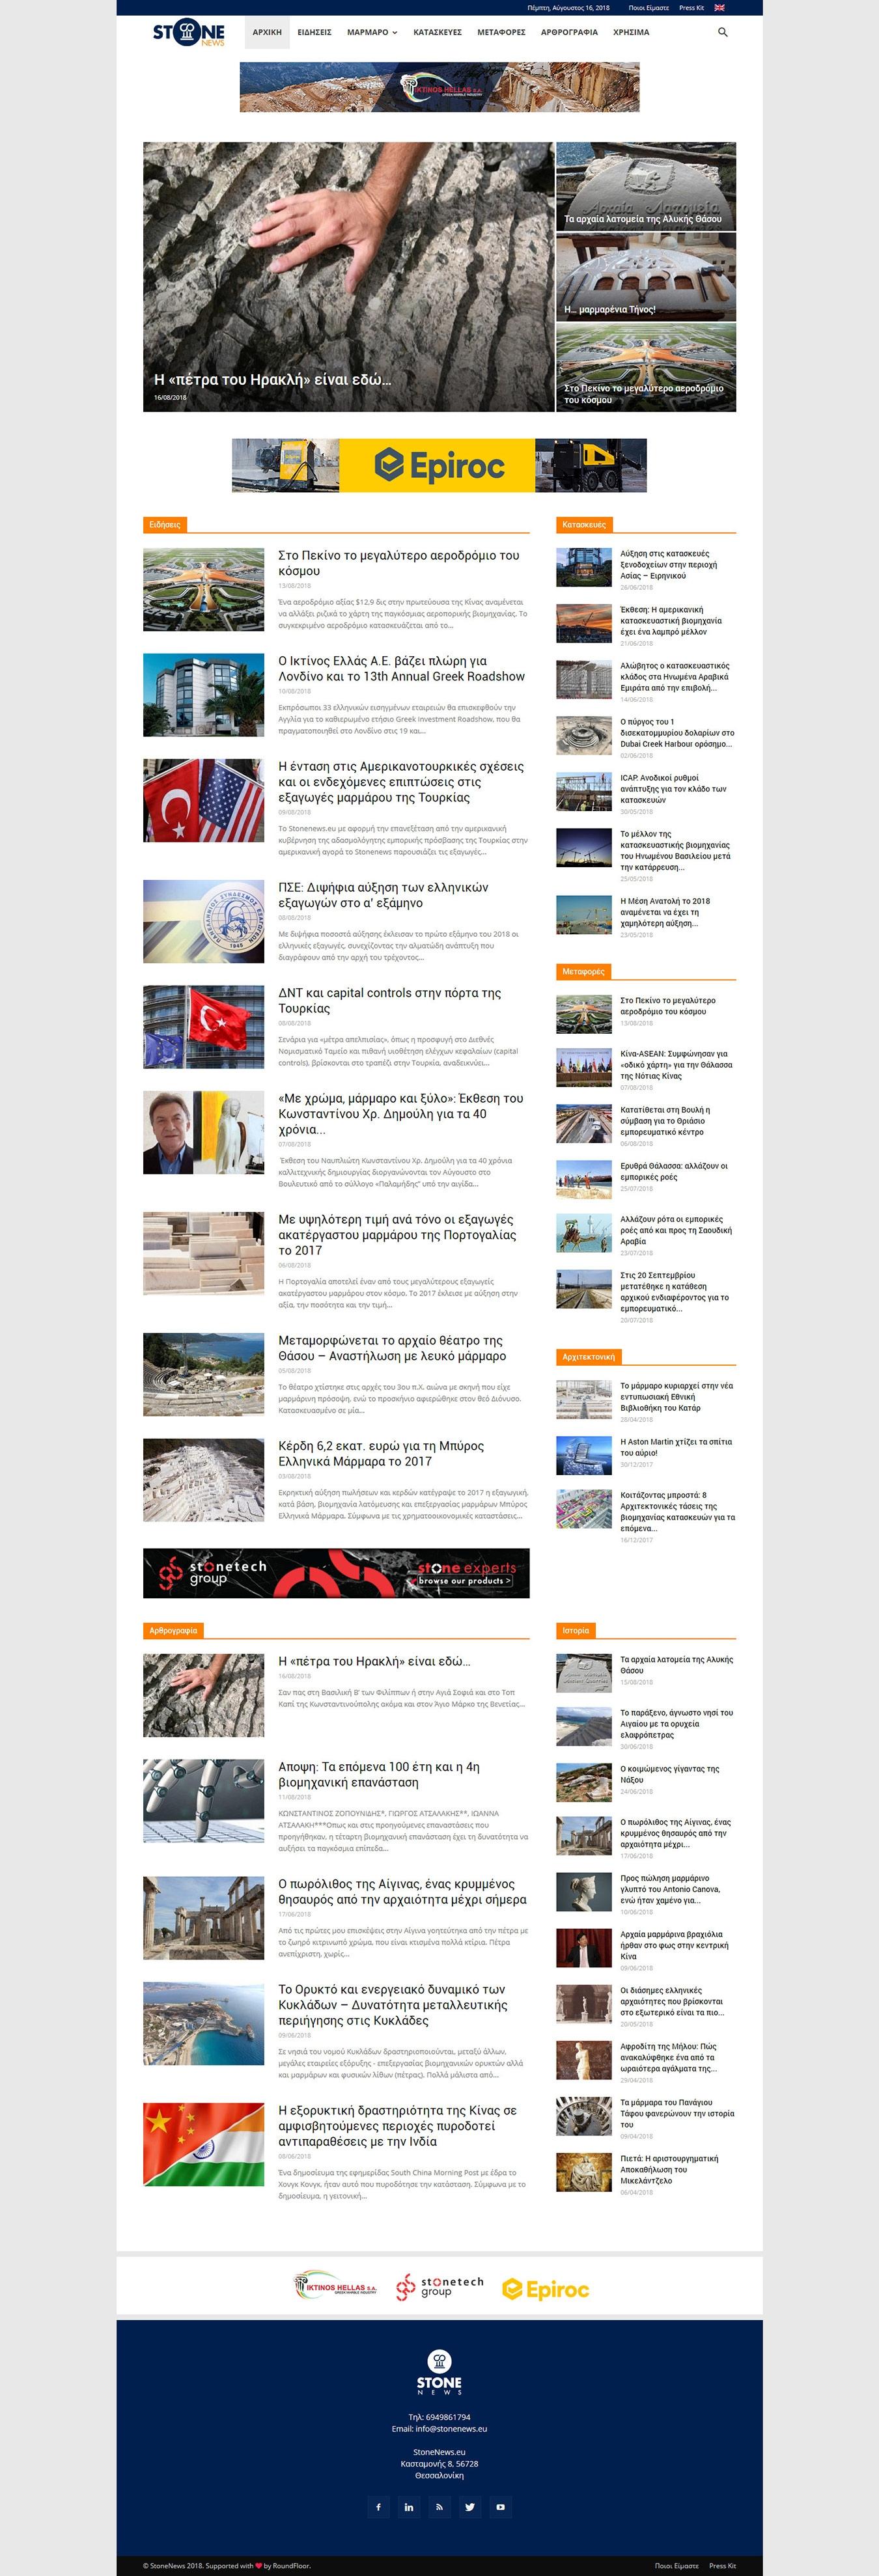 Κατασκευή ενημερωτικής ιστοσελίδας - portal του κλάδου μαρμάρου και φυσικών πετρωμάτων για το Stone News